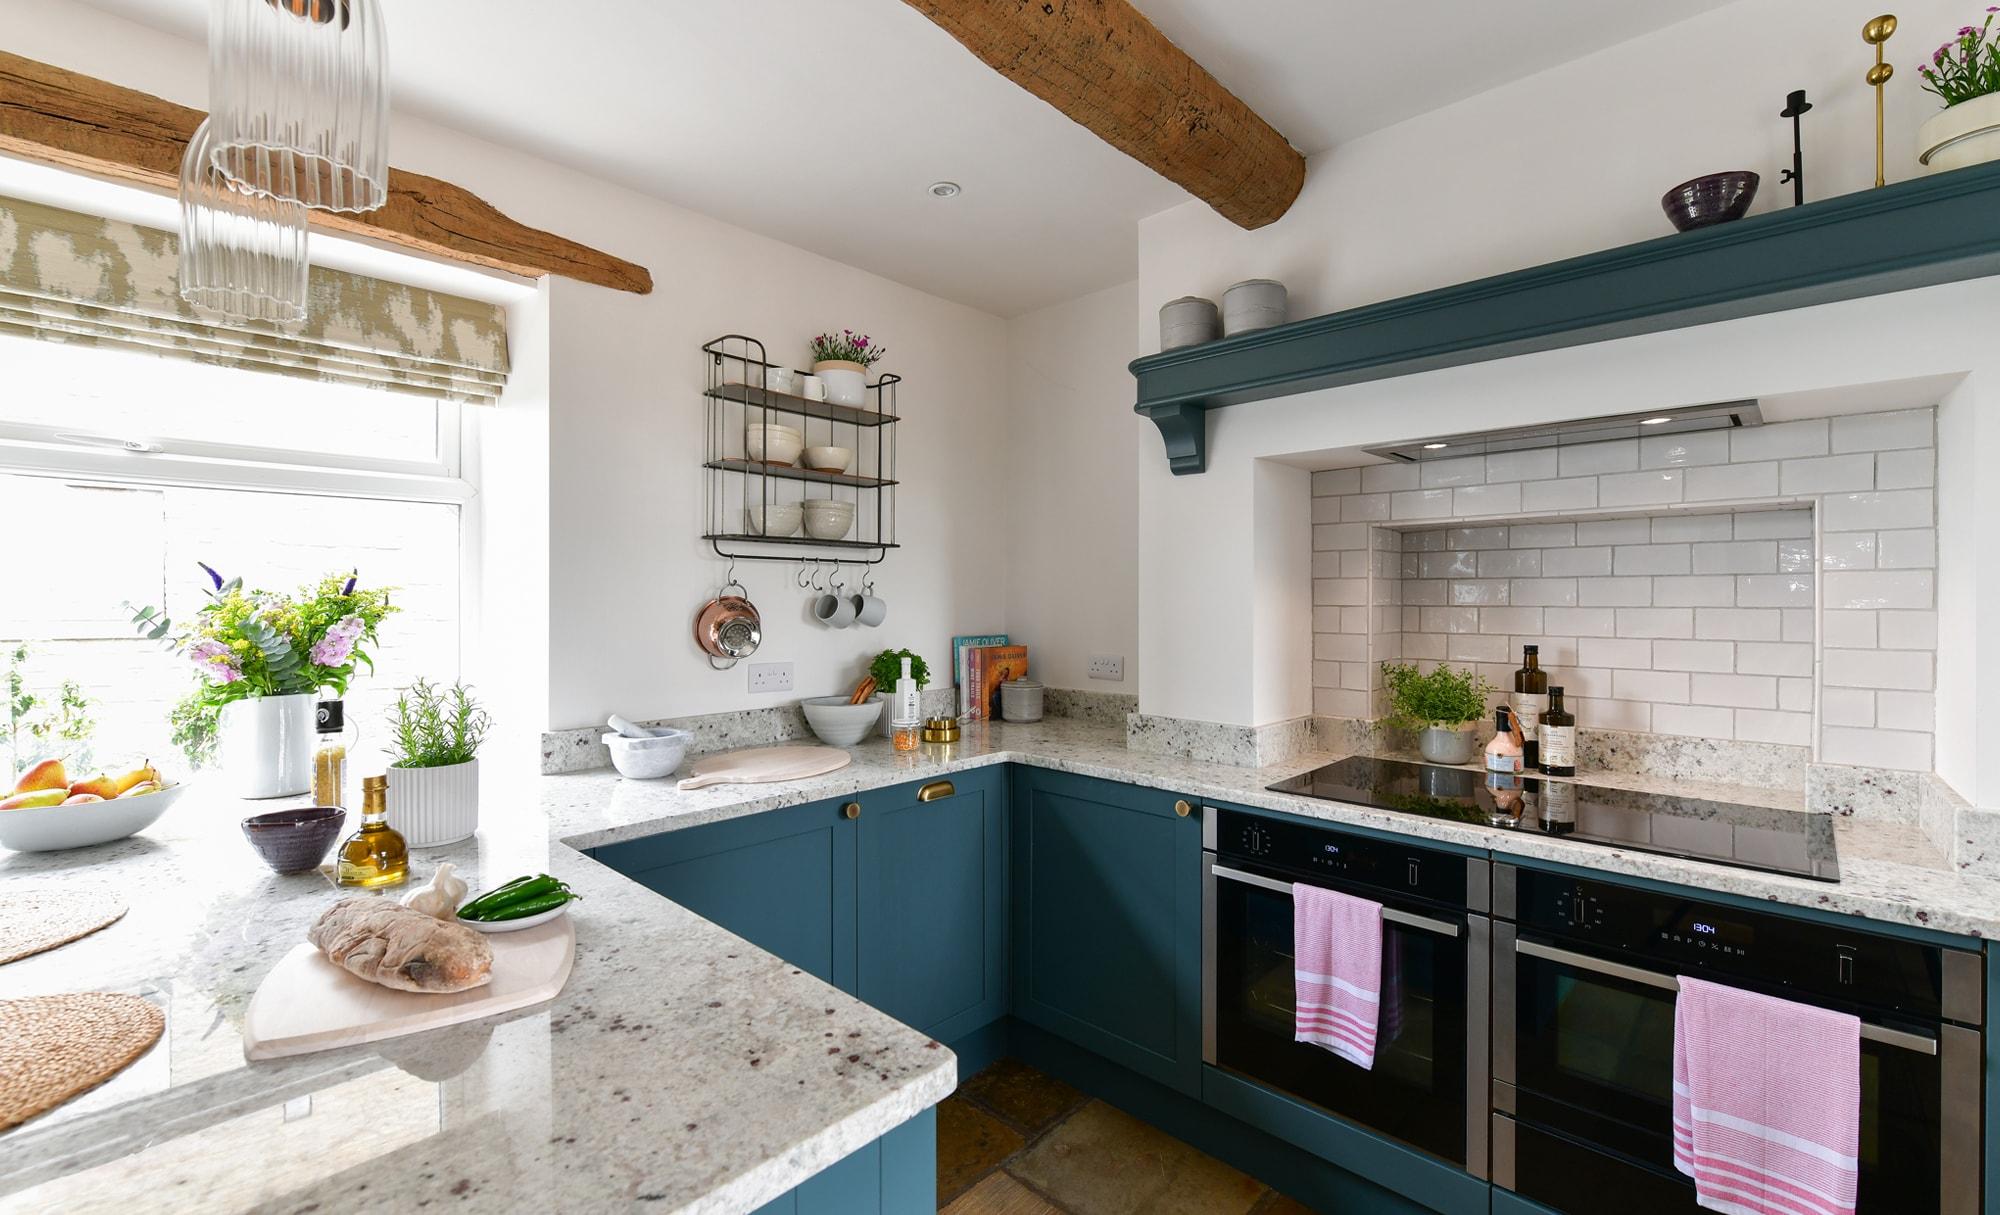 Richard & Richards Aldana Viridian Kitchen Oven